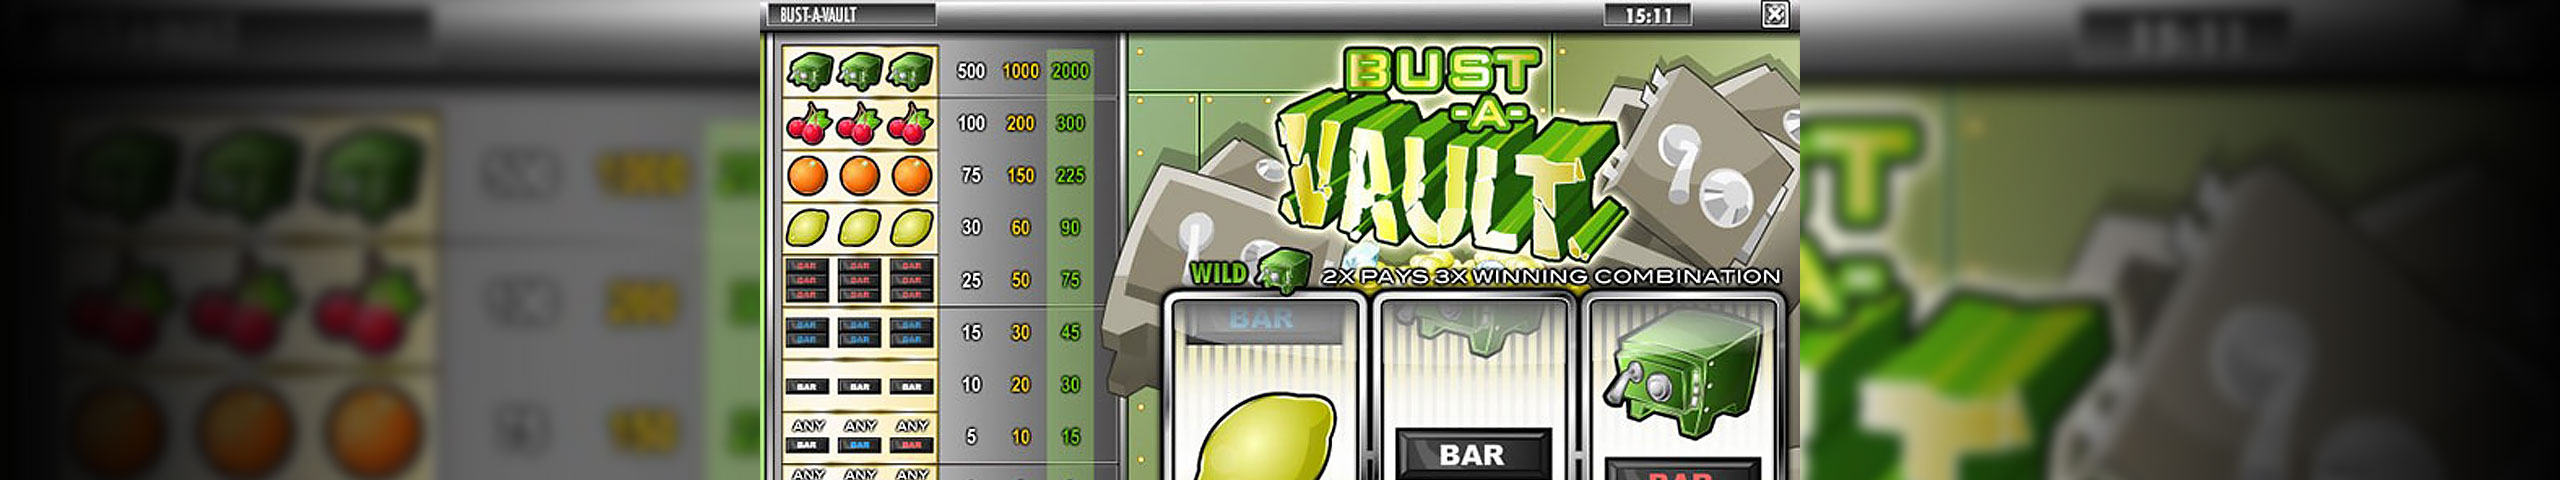 Spelautomater Bust-A-Vault, Rival Slider - Wyrmspel.com